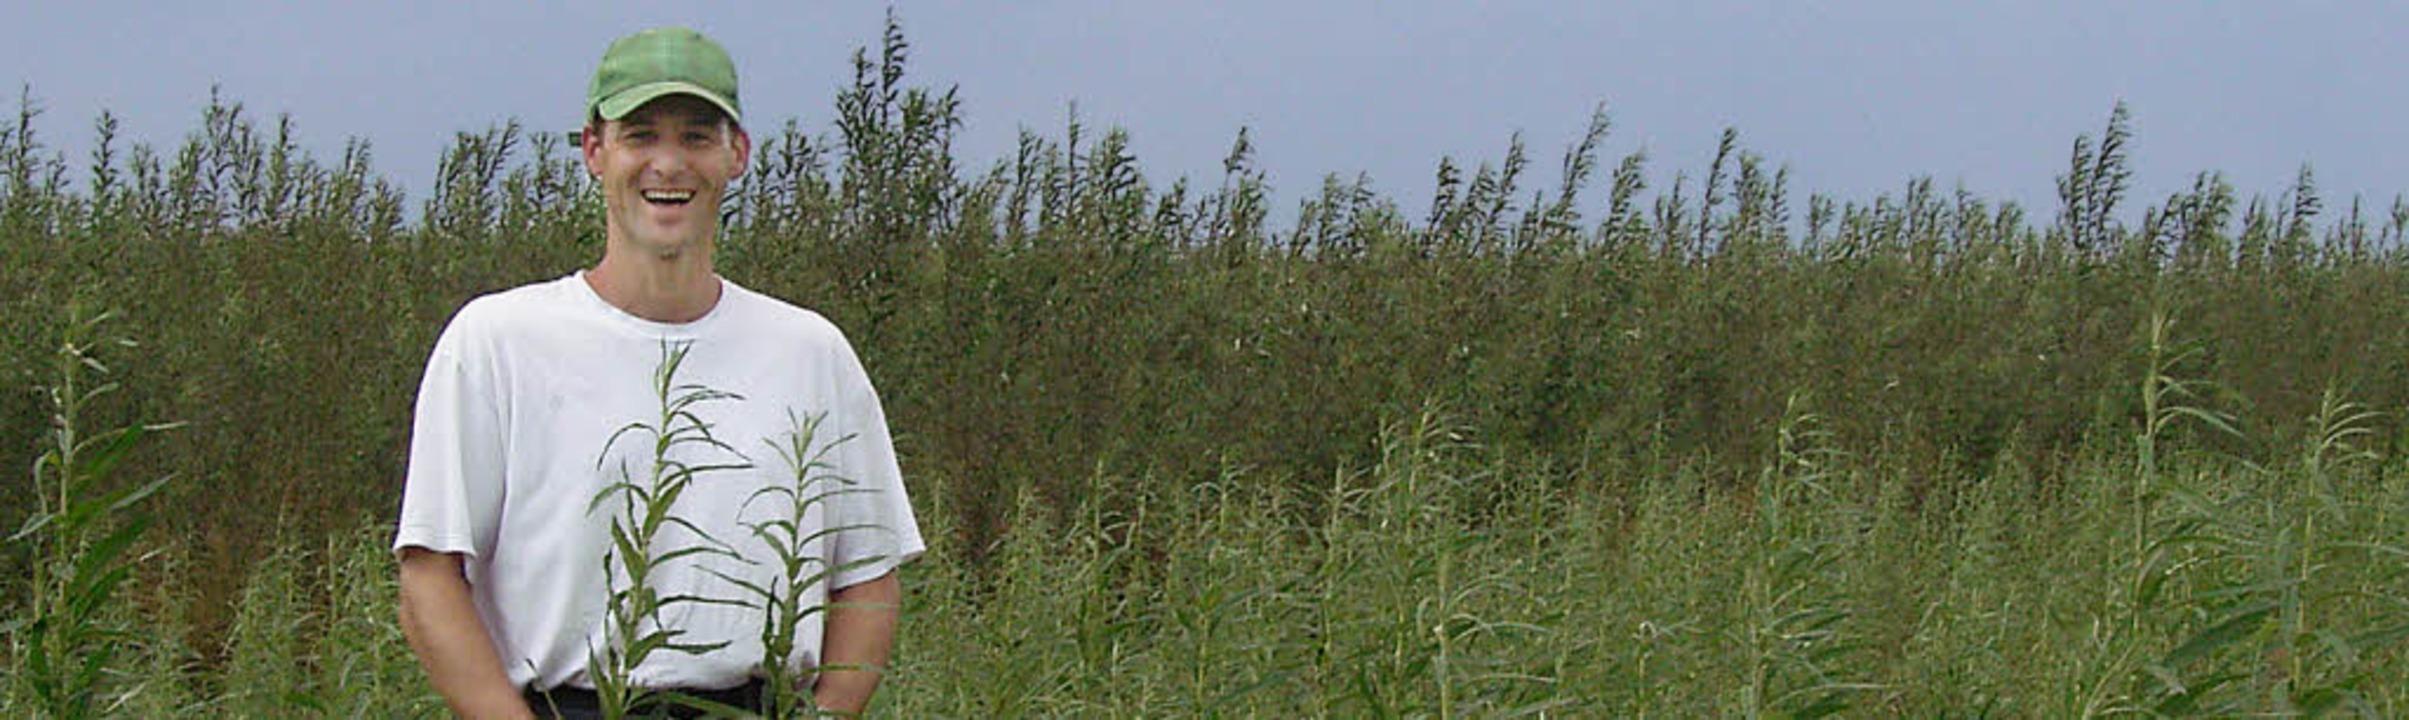 Weiden auf dem Acker: Rainer Weber in ...rstmals für seine Hackschnitzelanlage.    Foto: simone höhl